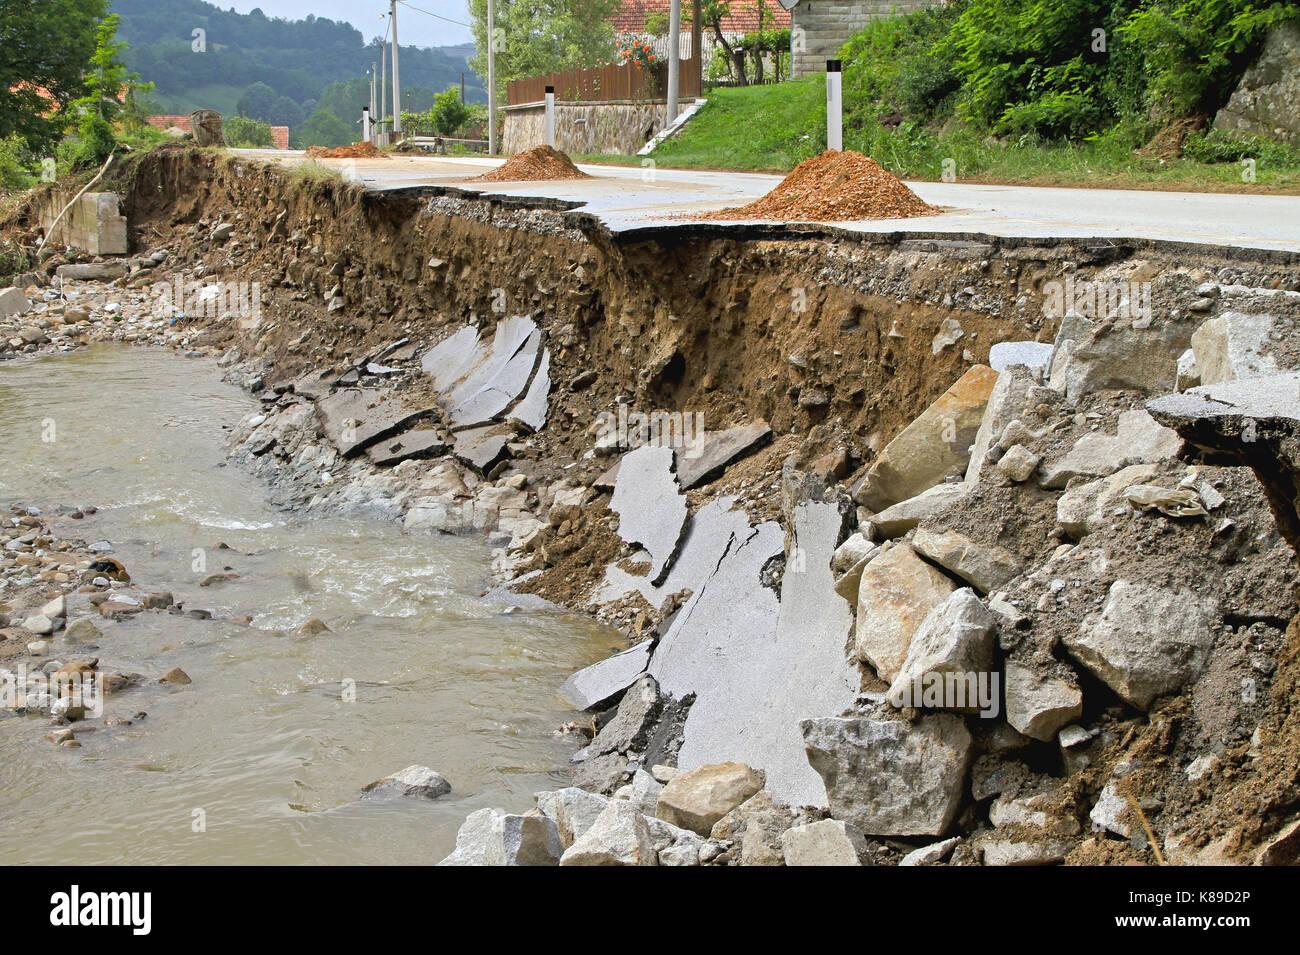 Part of Road Landslide Erosion After Floods - Stock Image